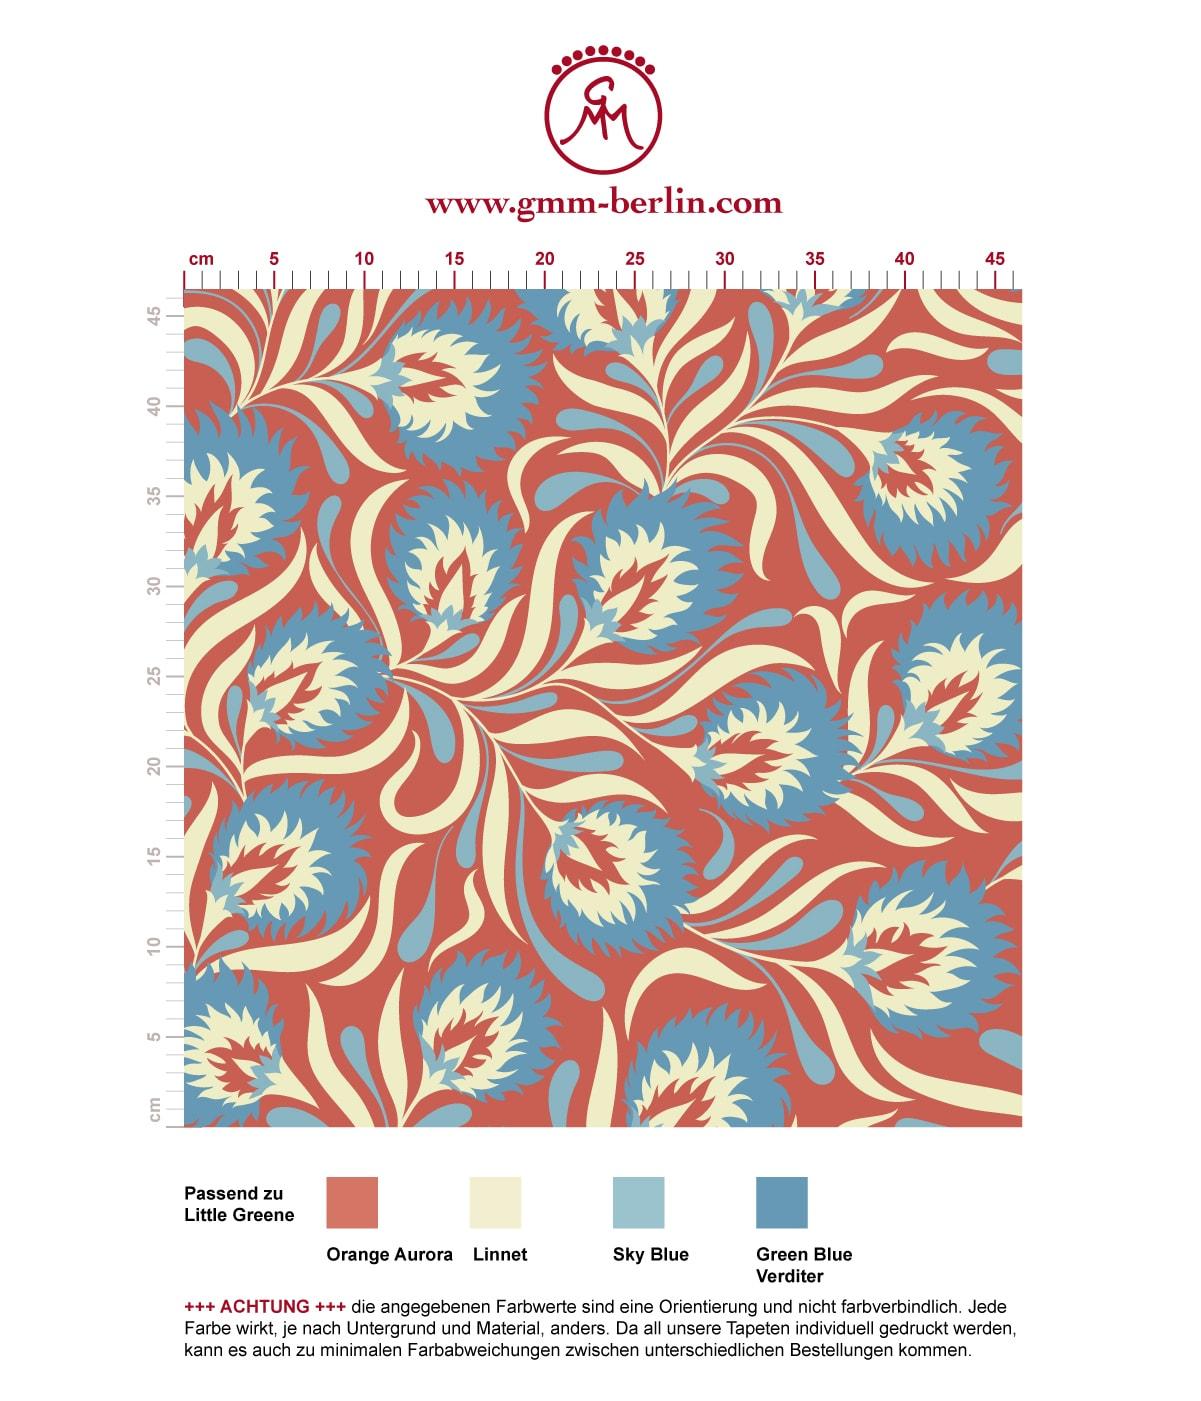 rot hellblau Jugendstil Tapete mit großen Blüten angepasst an Farrow & Ball Wandfarben. Aus dem GMM-BERLIN.com Sortiment: Schöne Tapeten in der Farbe: rot